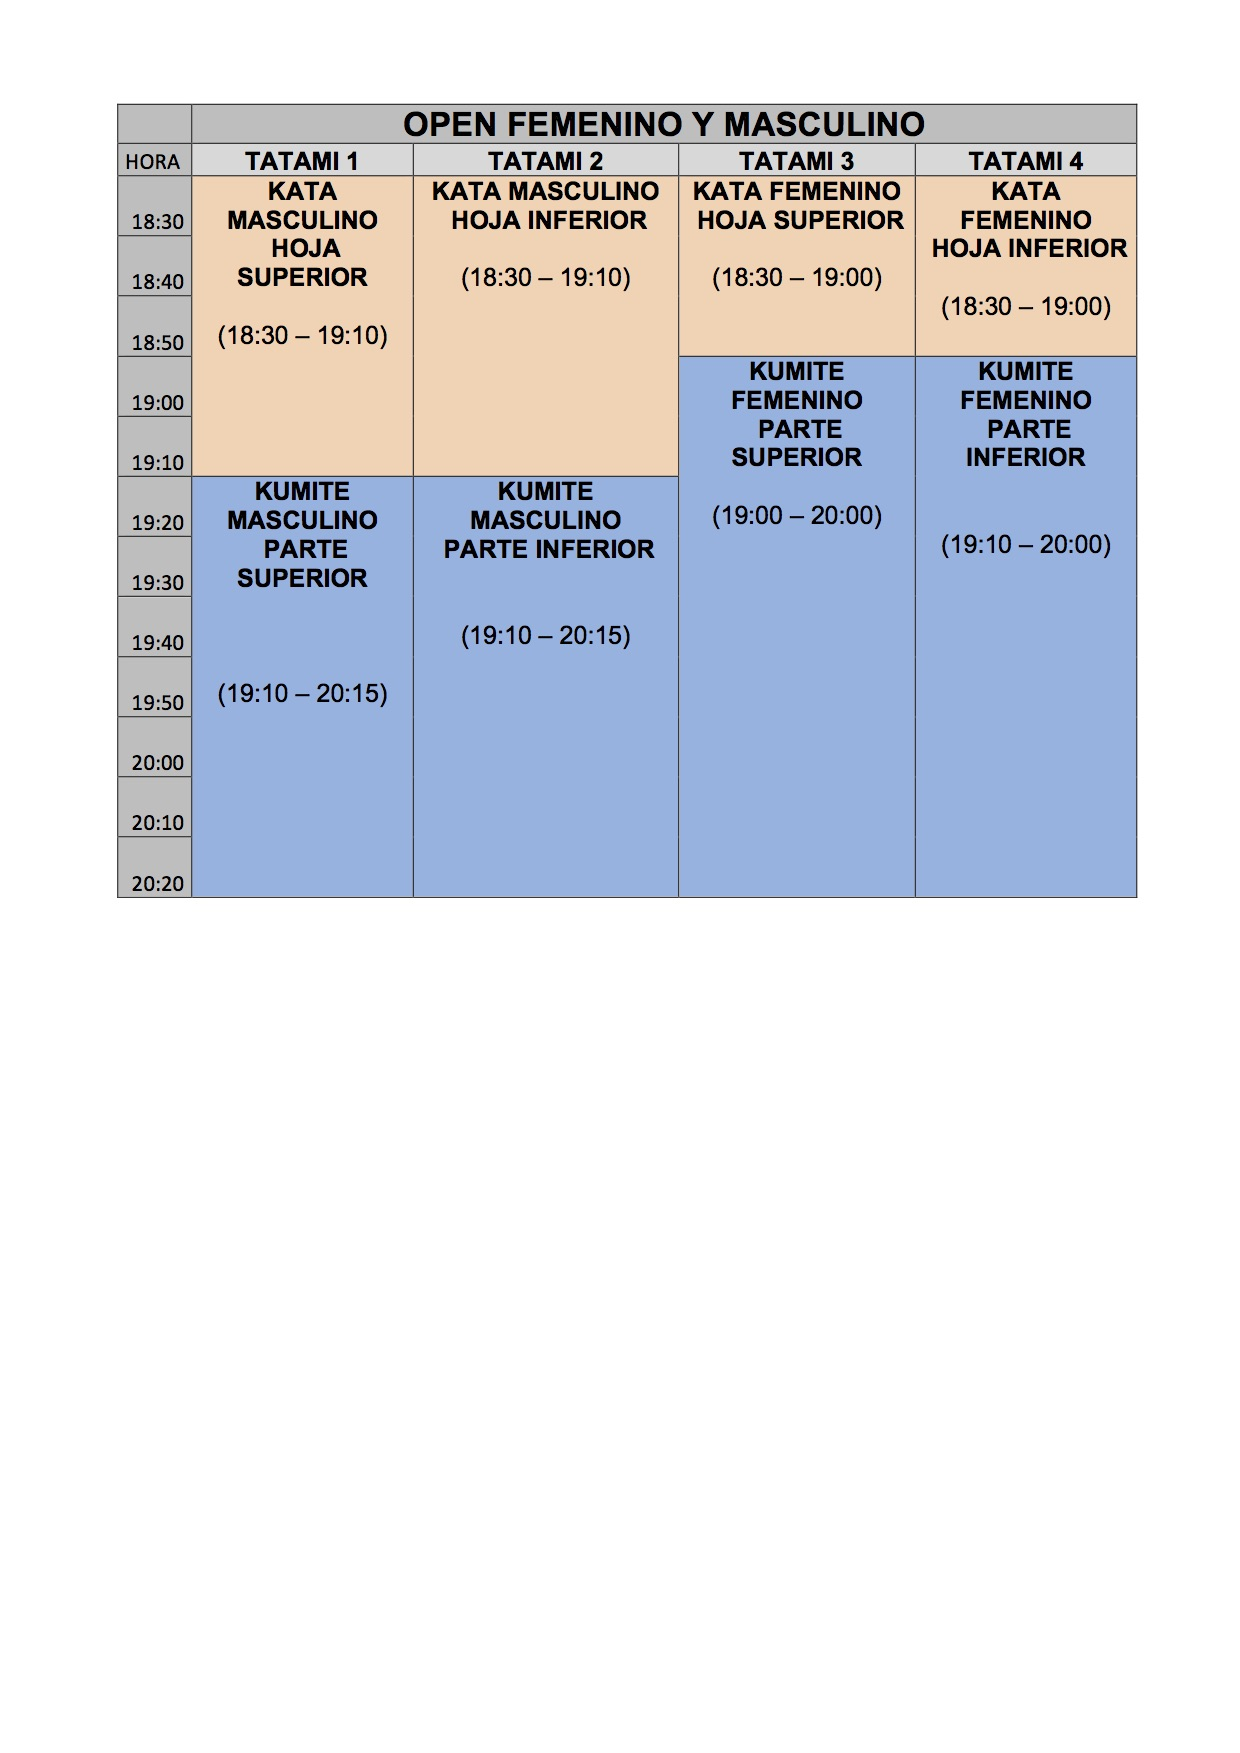 horarios-provisionales-de-competicion-open